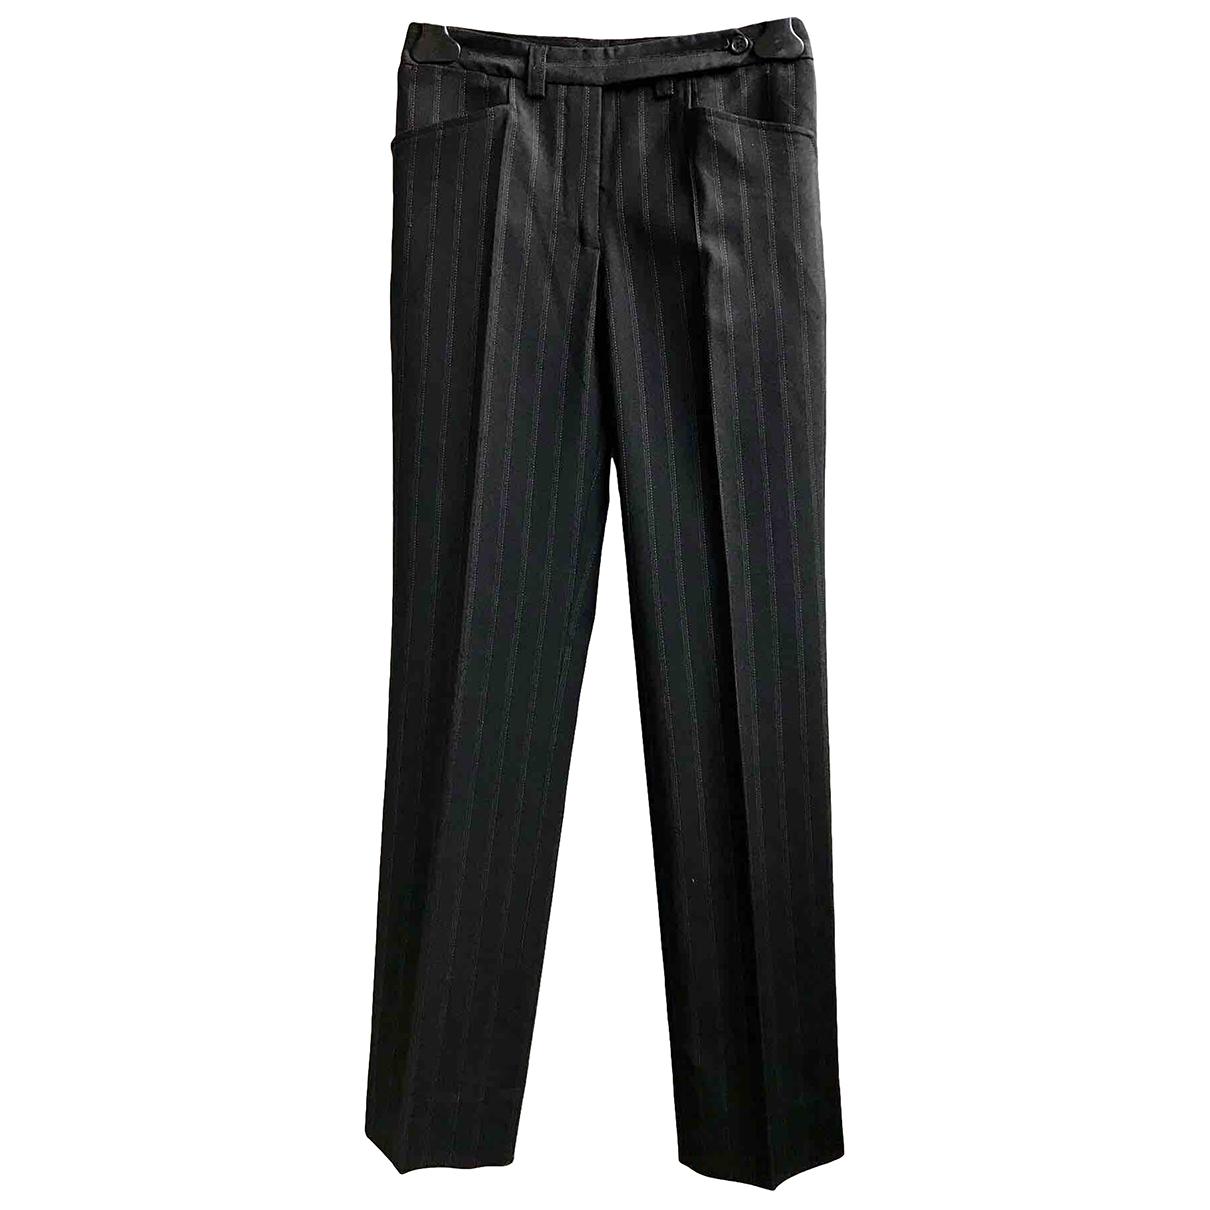 D&g \N Black Wool Trousers for Women 38 IT